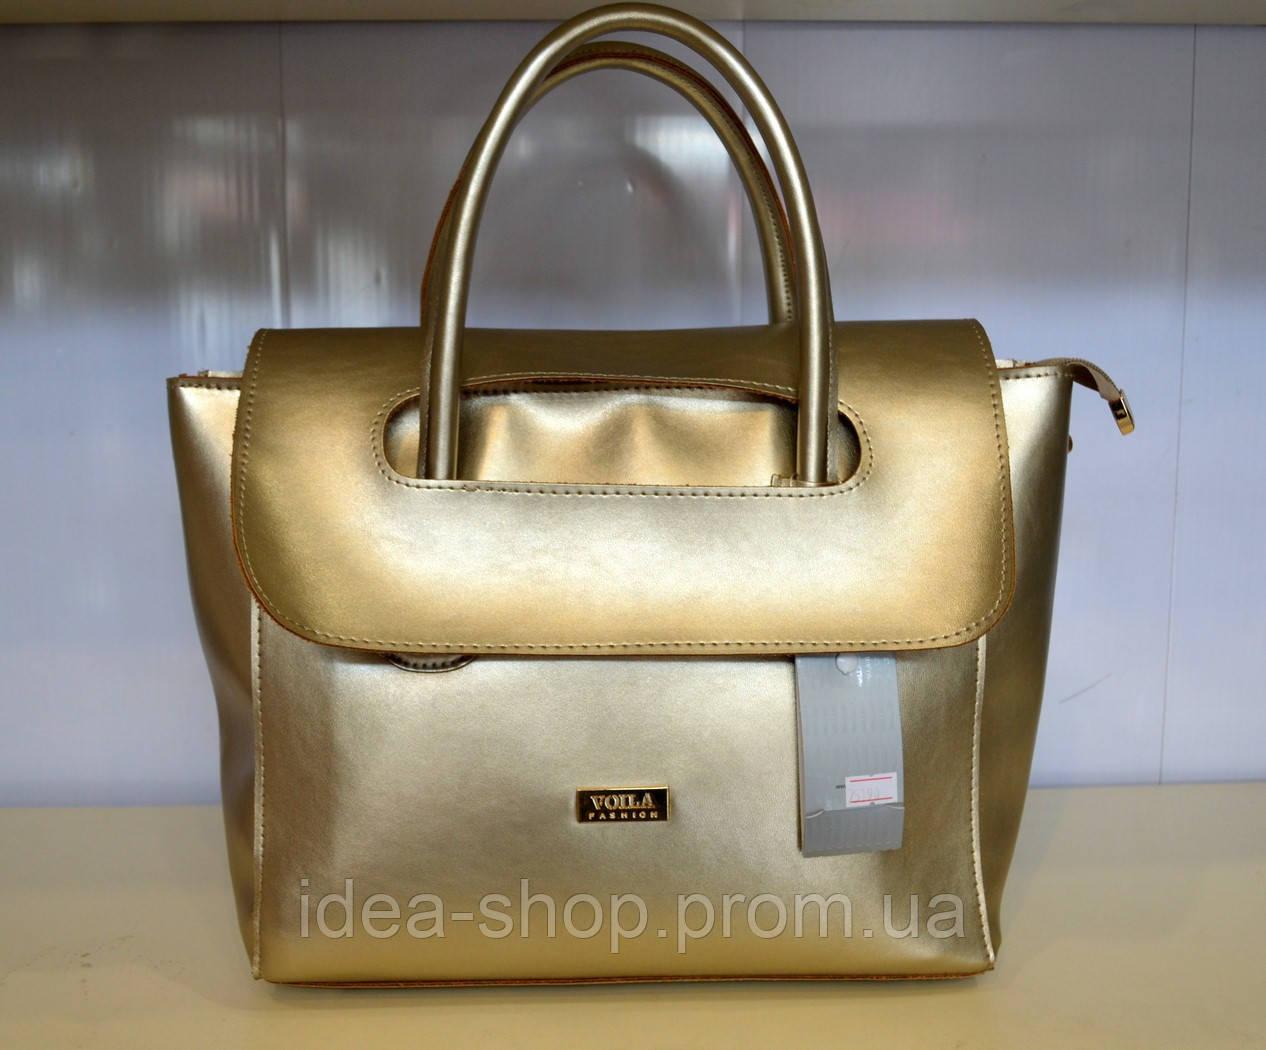 f00749dec65c Женская сумка эко-кожа золотая Wallaby - интернет-магазин